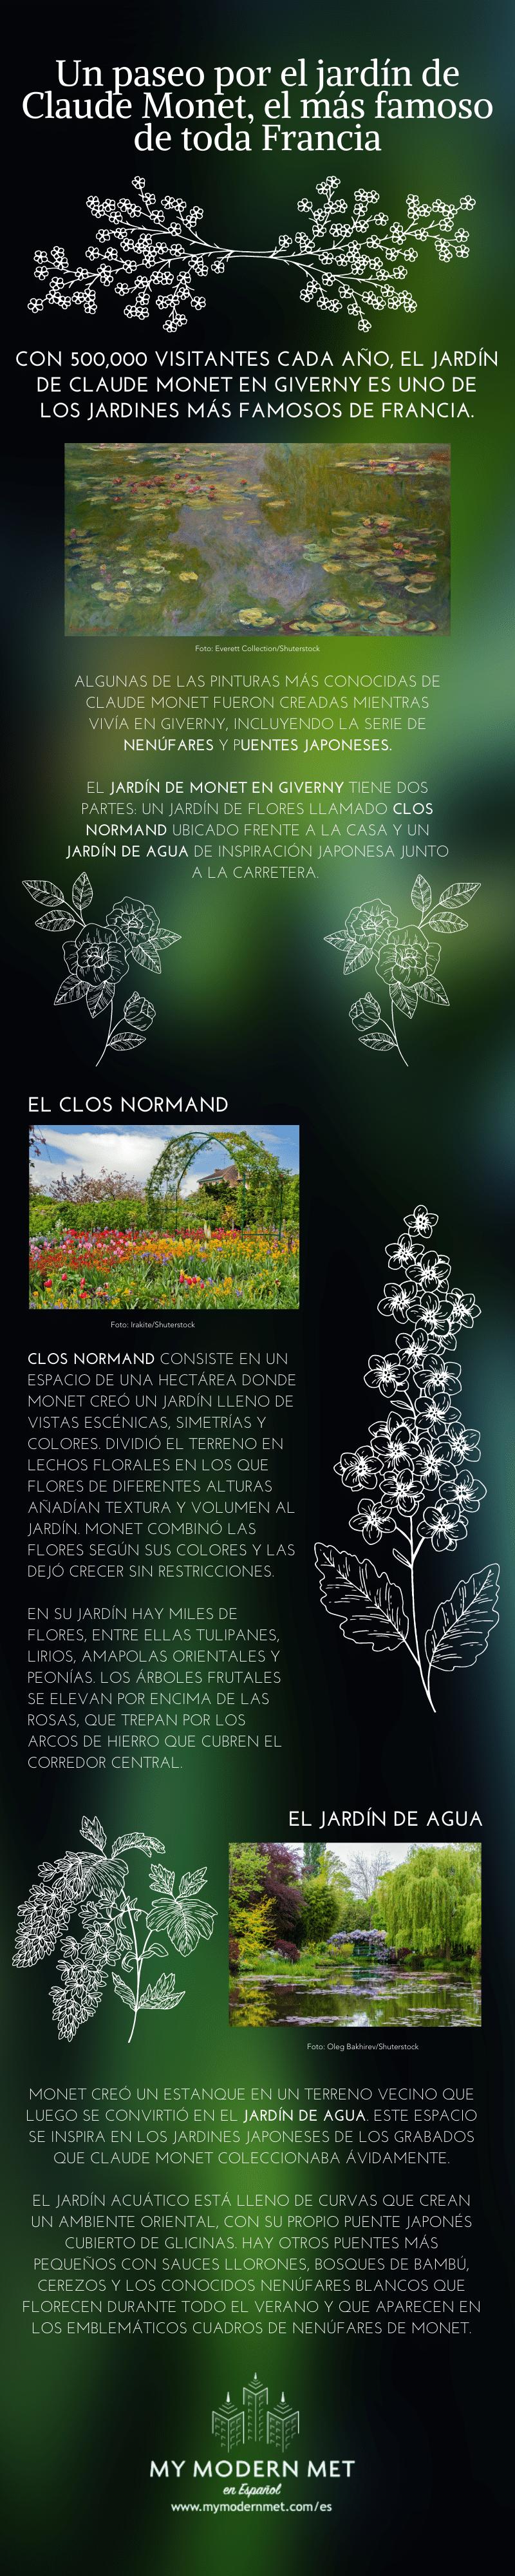 Infografía del jardín de Monet